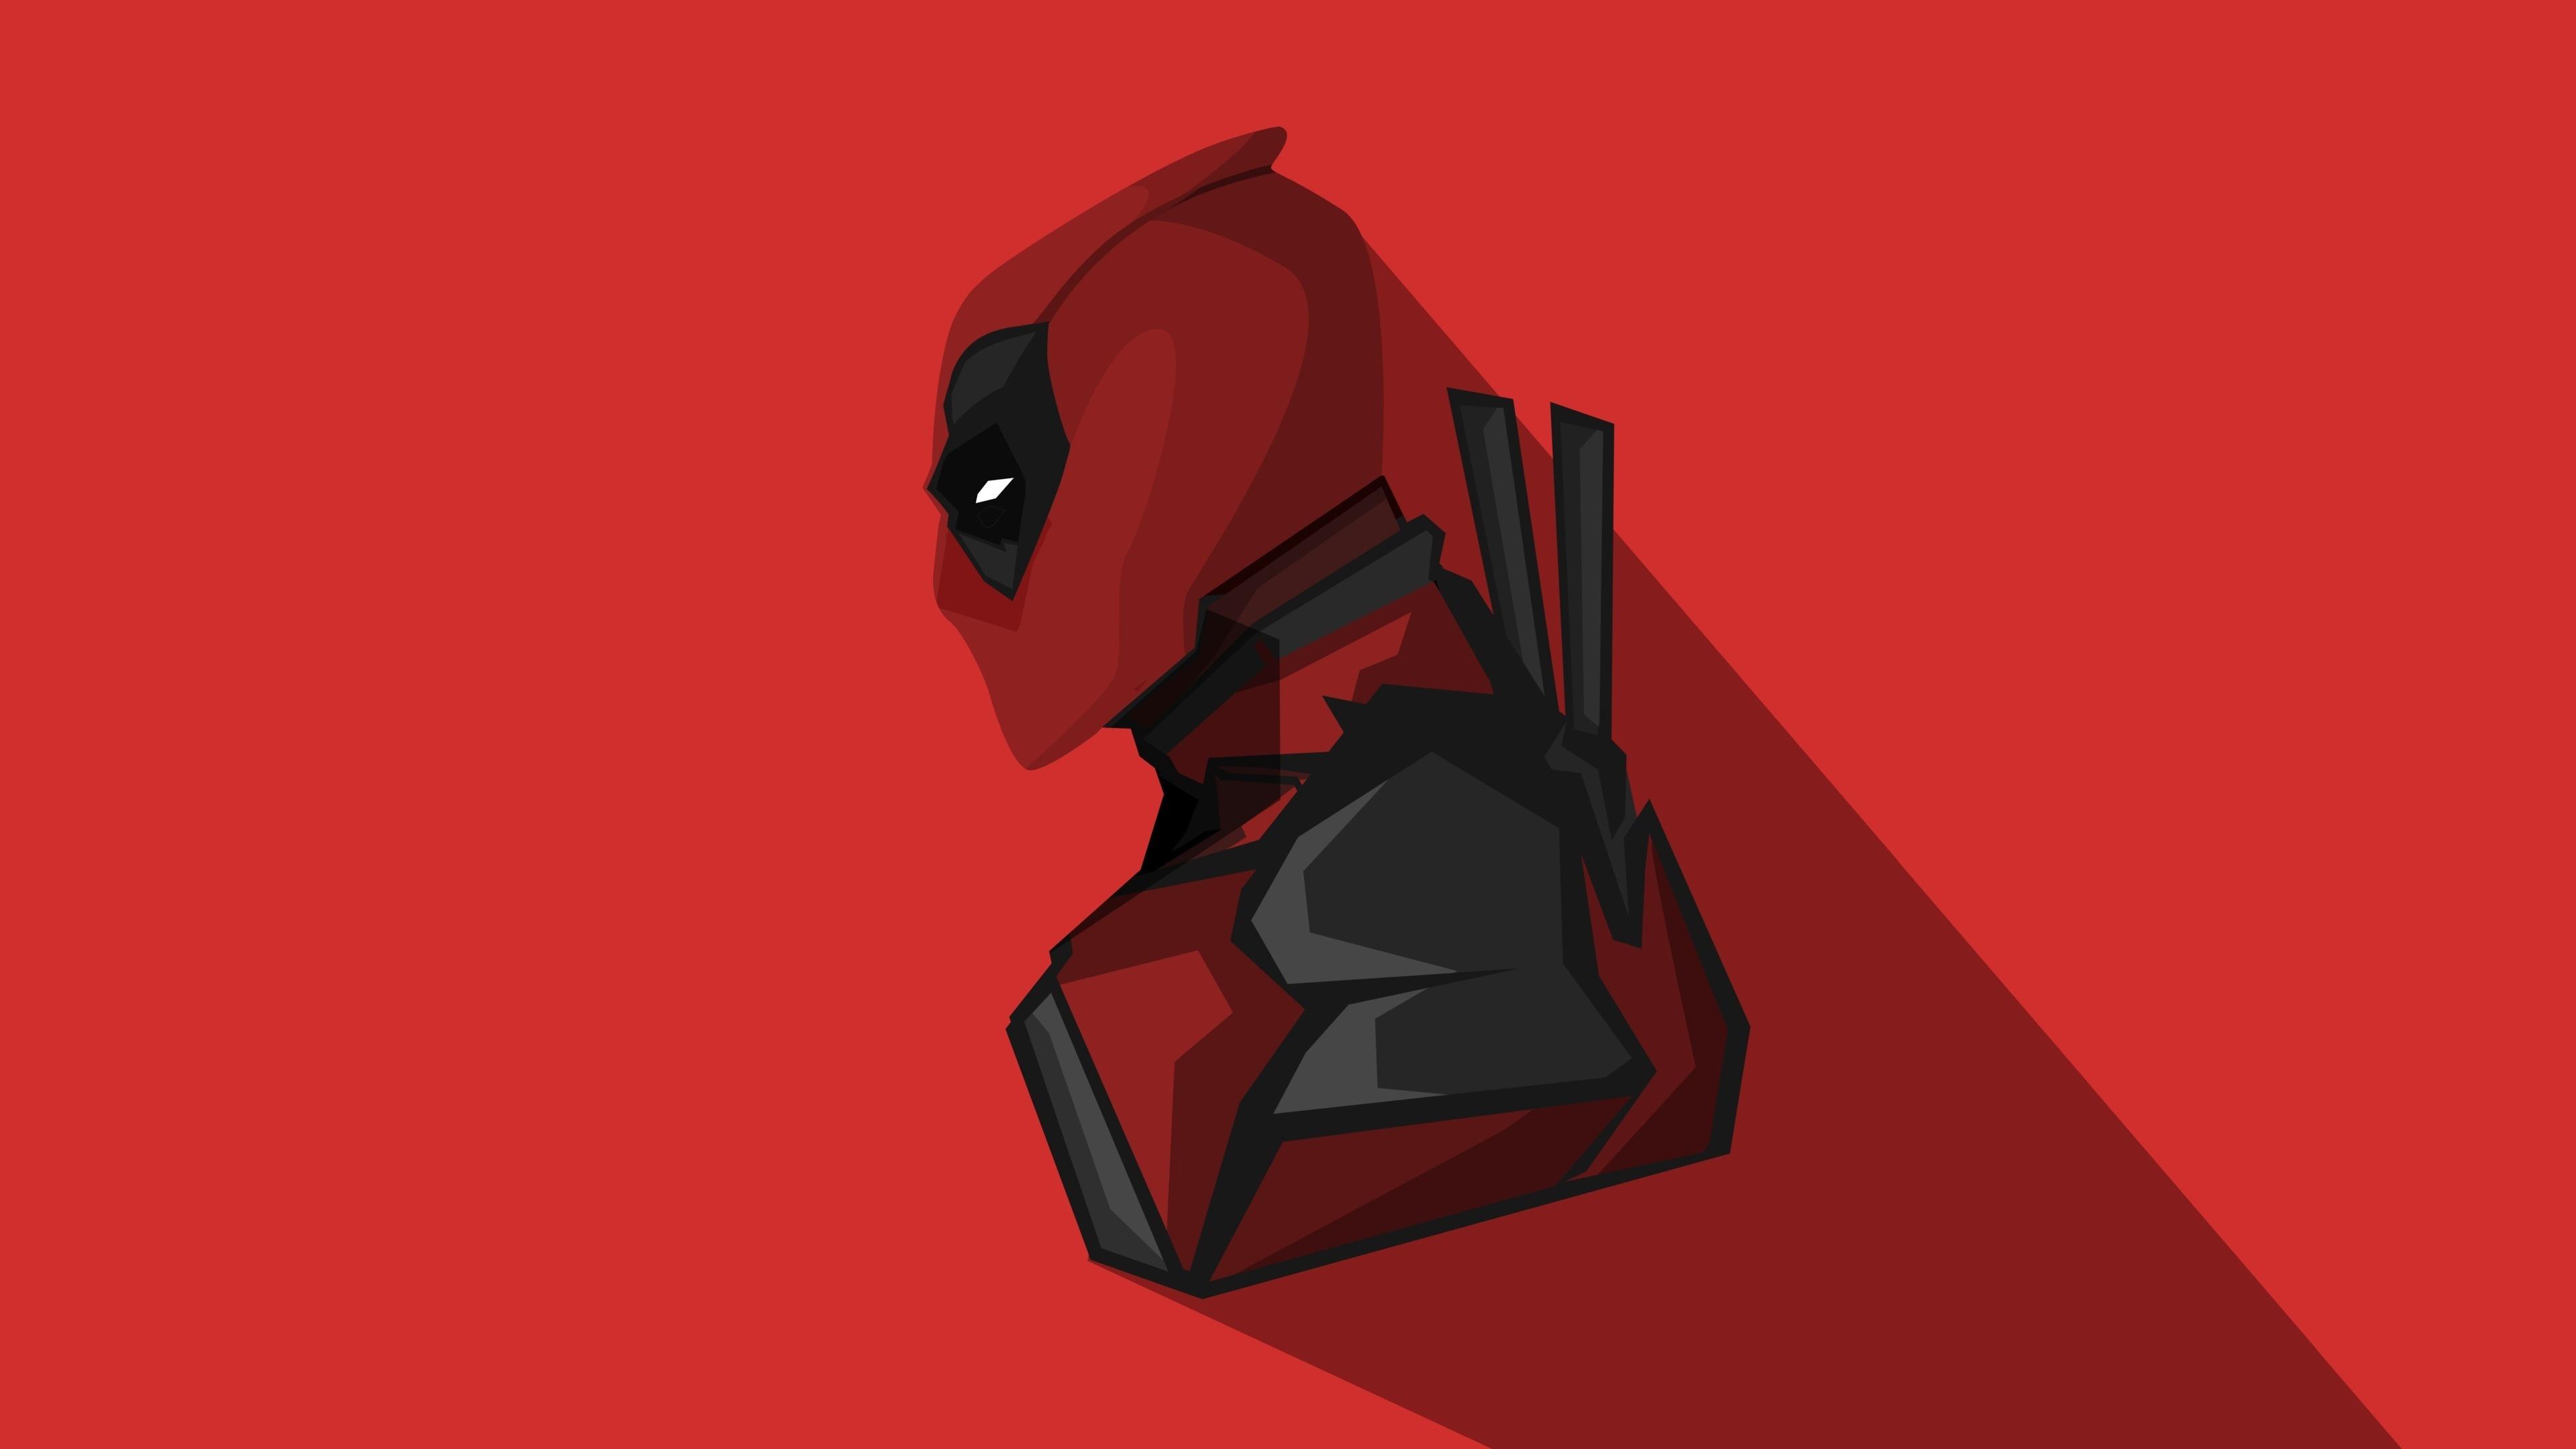 Deadpool Hd Wallpaper Iphone Download 3840x2160 Wallpaper Deadpool Marvel Comics